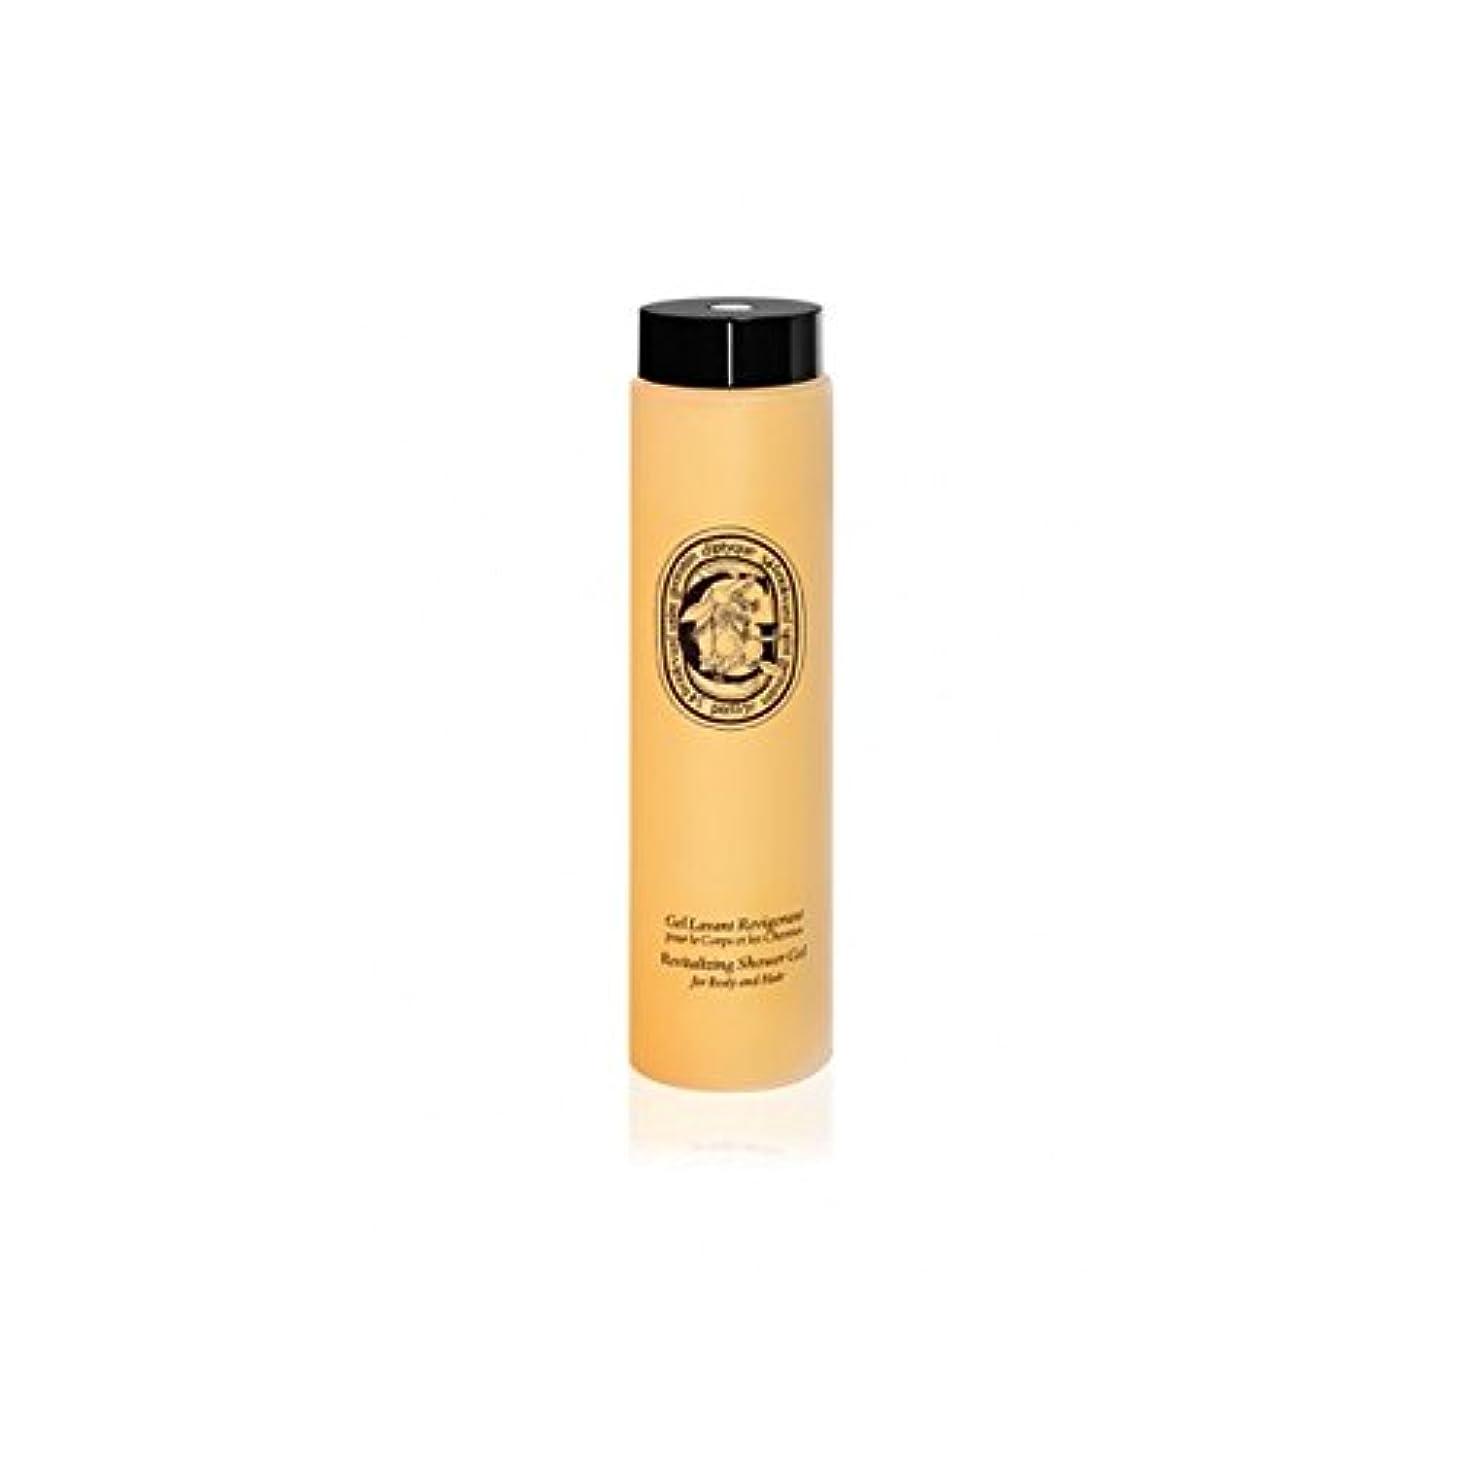 うれしいグラムモノグラフDiptyque Revitalizing Shower Gel For Body And Hair 200ml (Pack of 2) - ボディ、ヘア200ミリリットルのためDiptyqueのリバイタライジングシャワージェル...